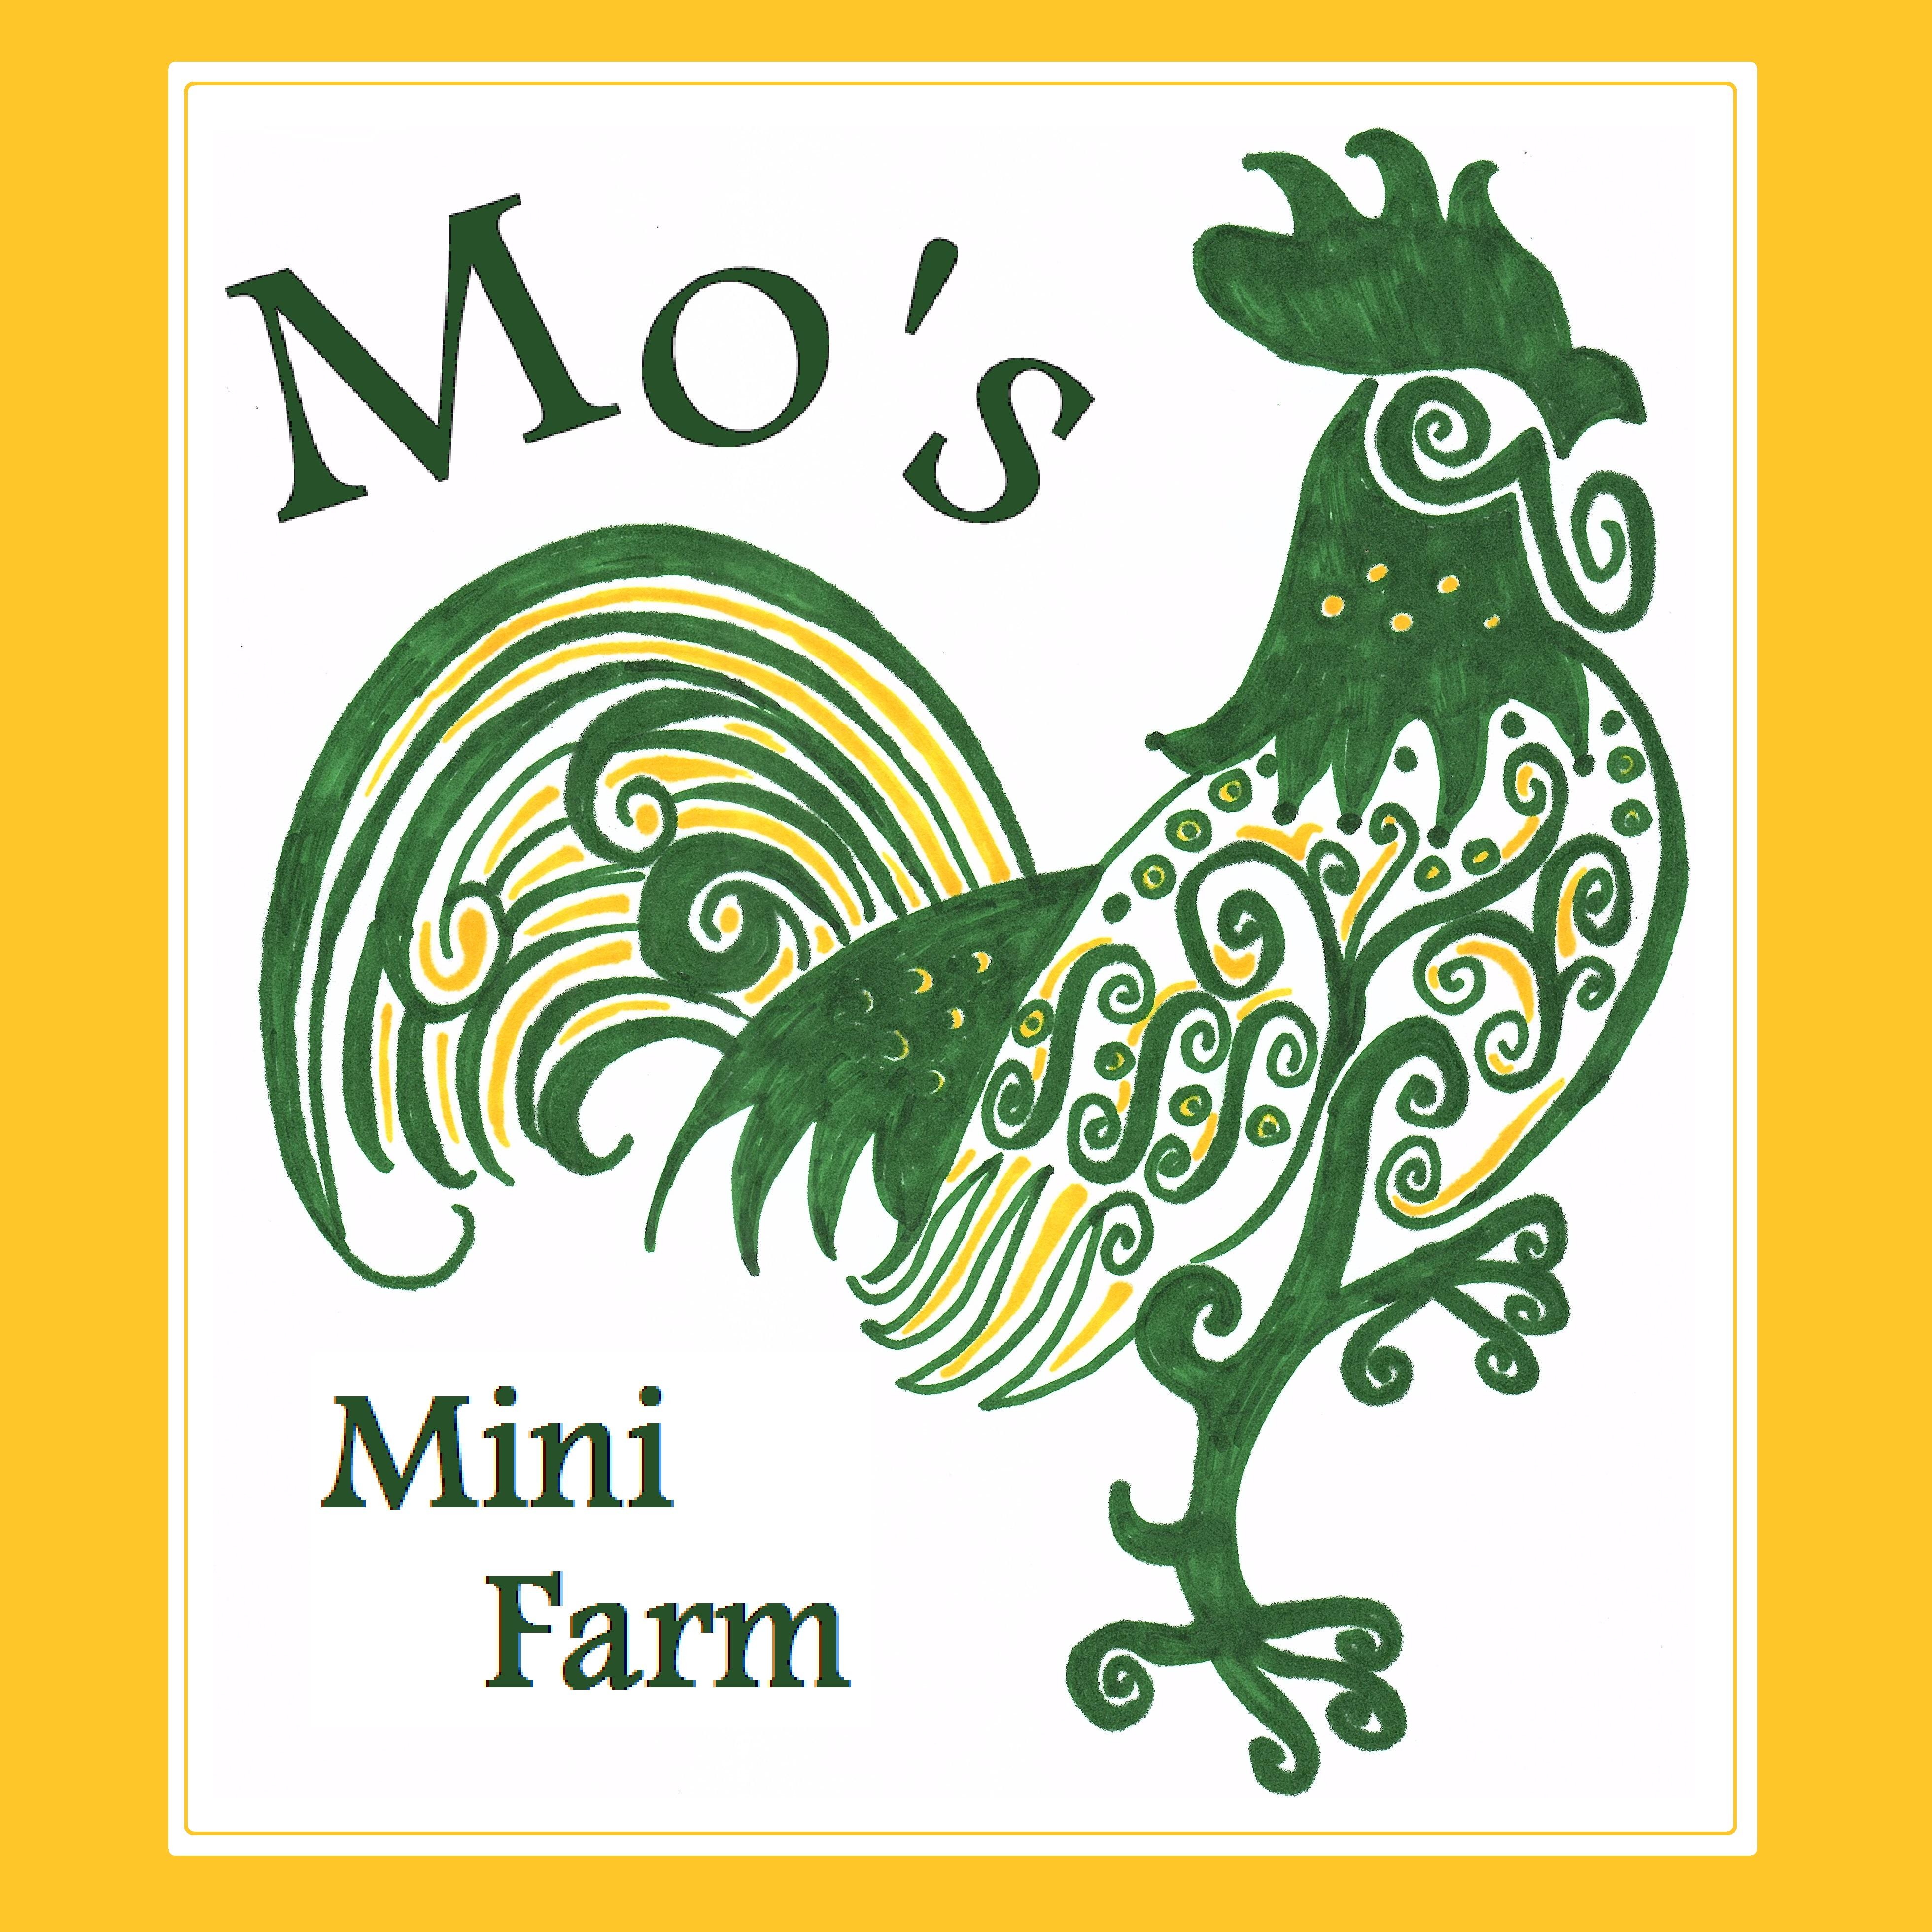 Mo's Mini Farm